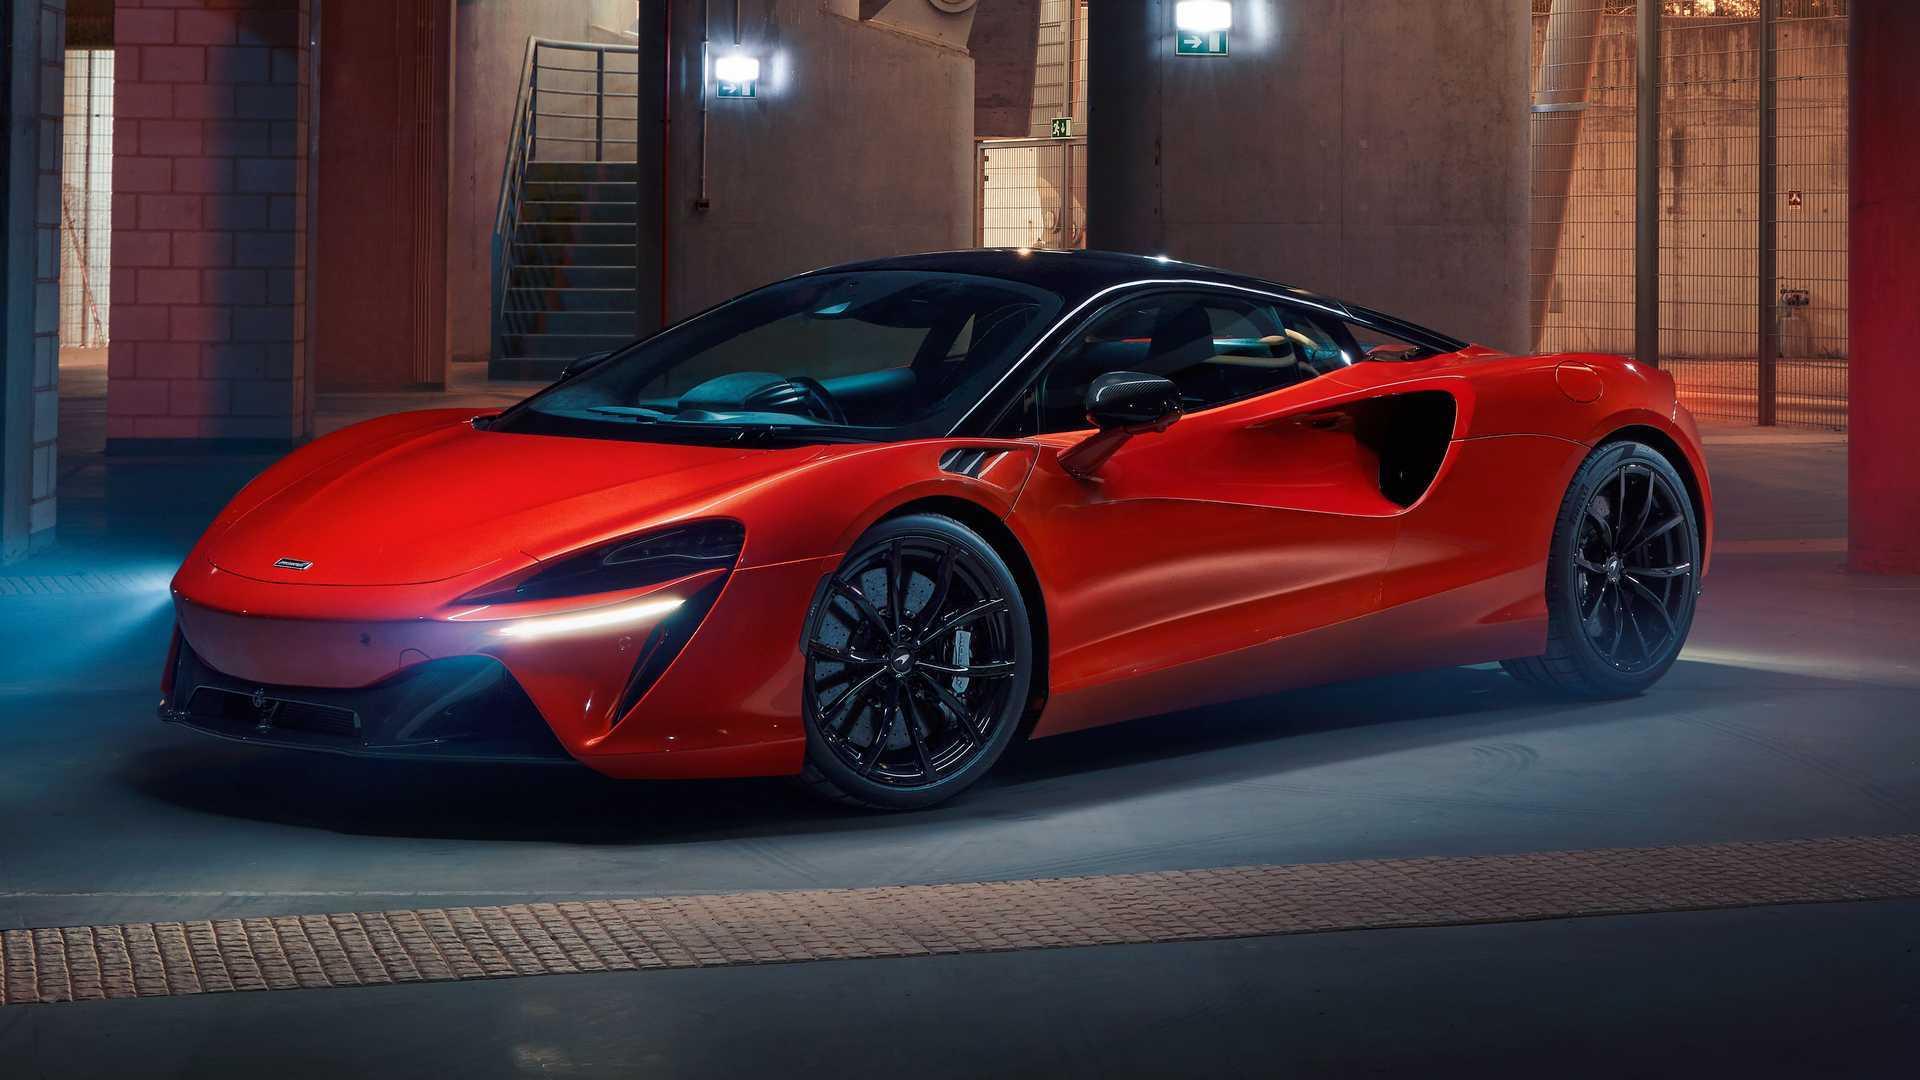 2022 McLaren Artura Three-Quarters Inside